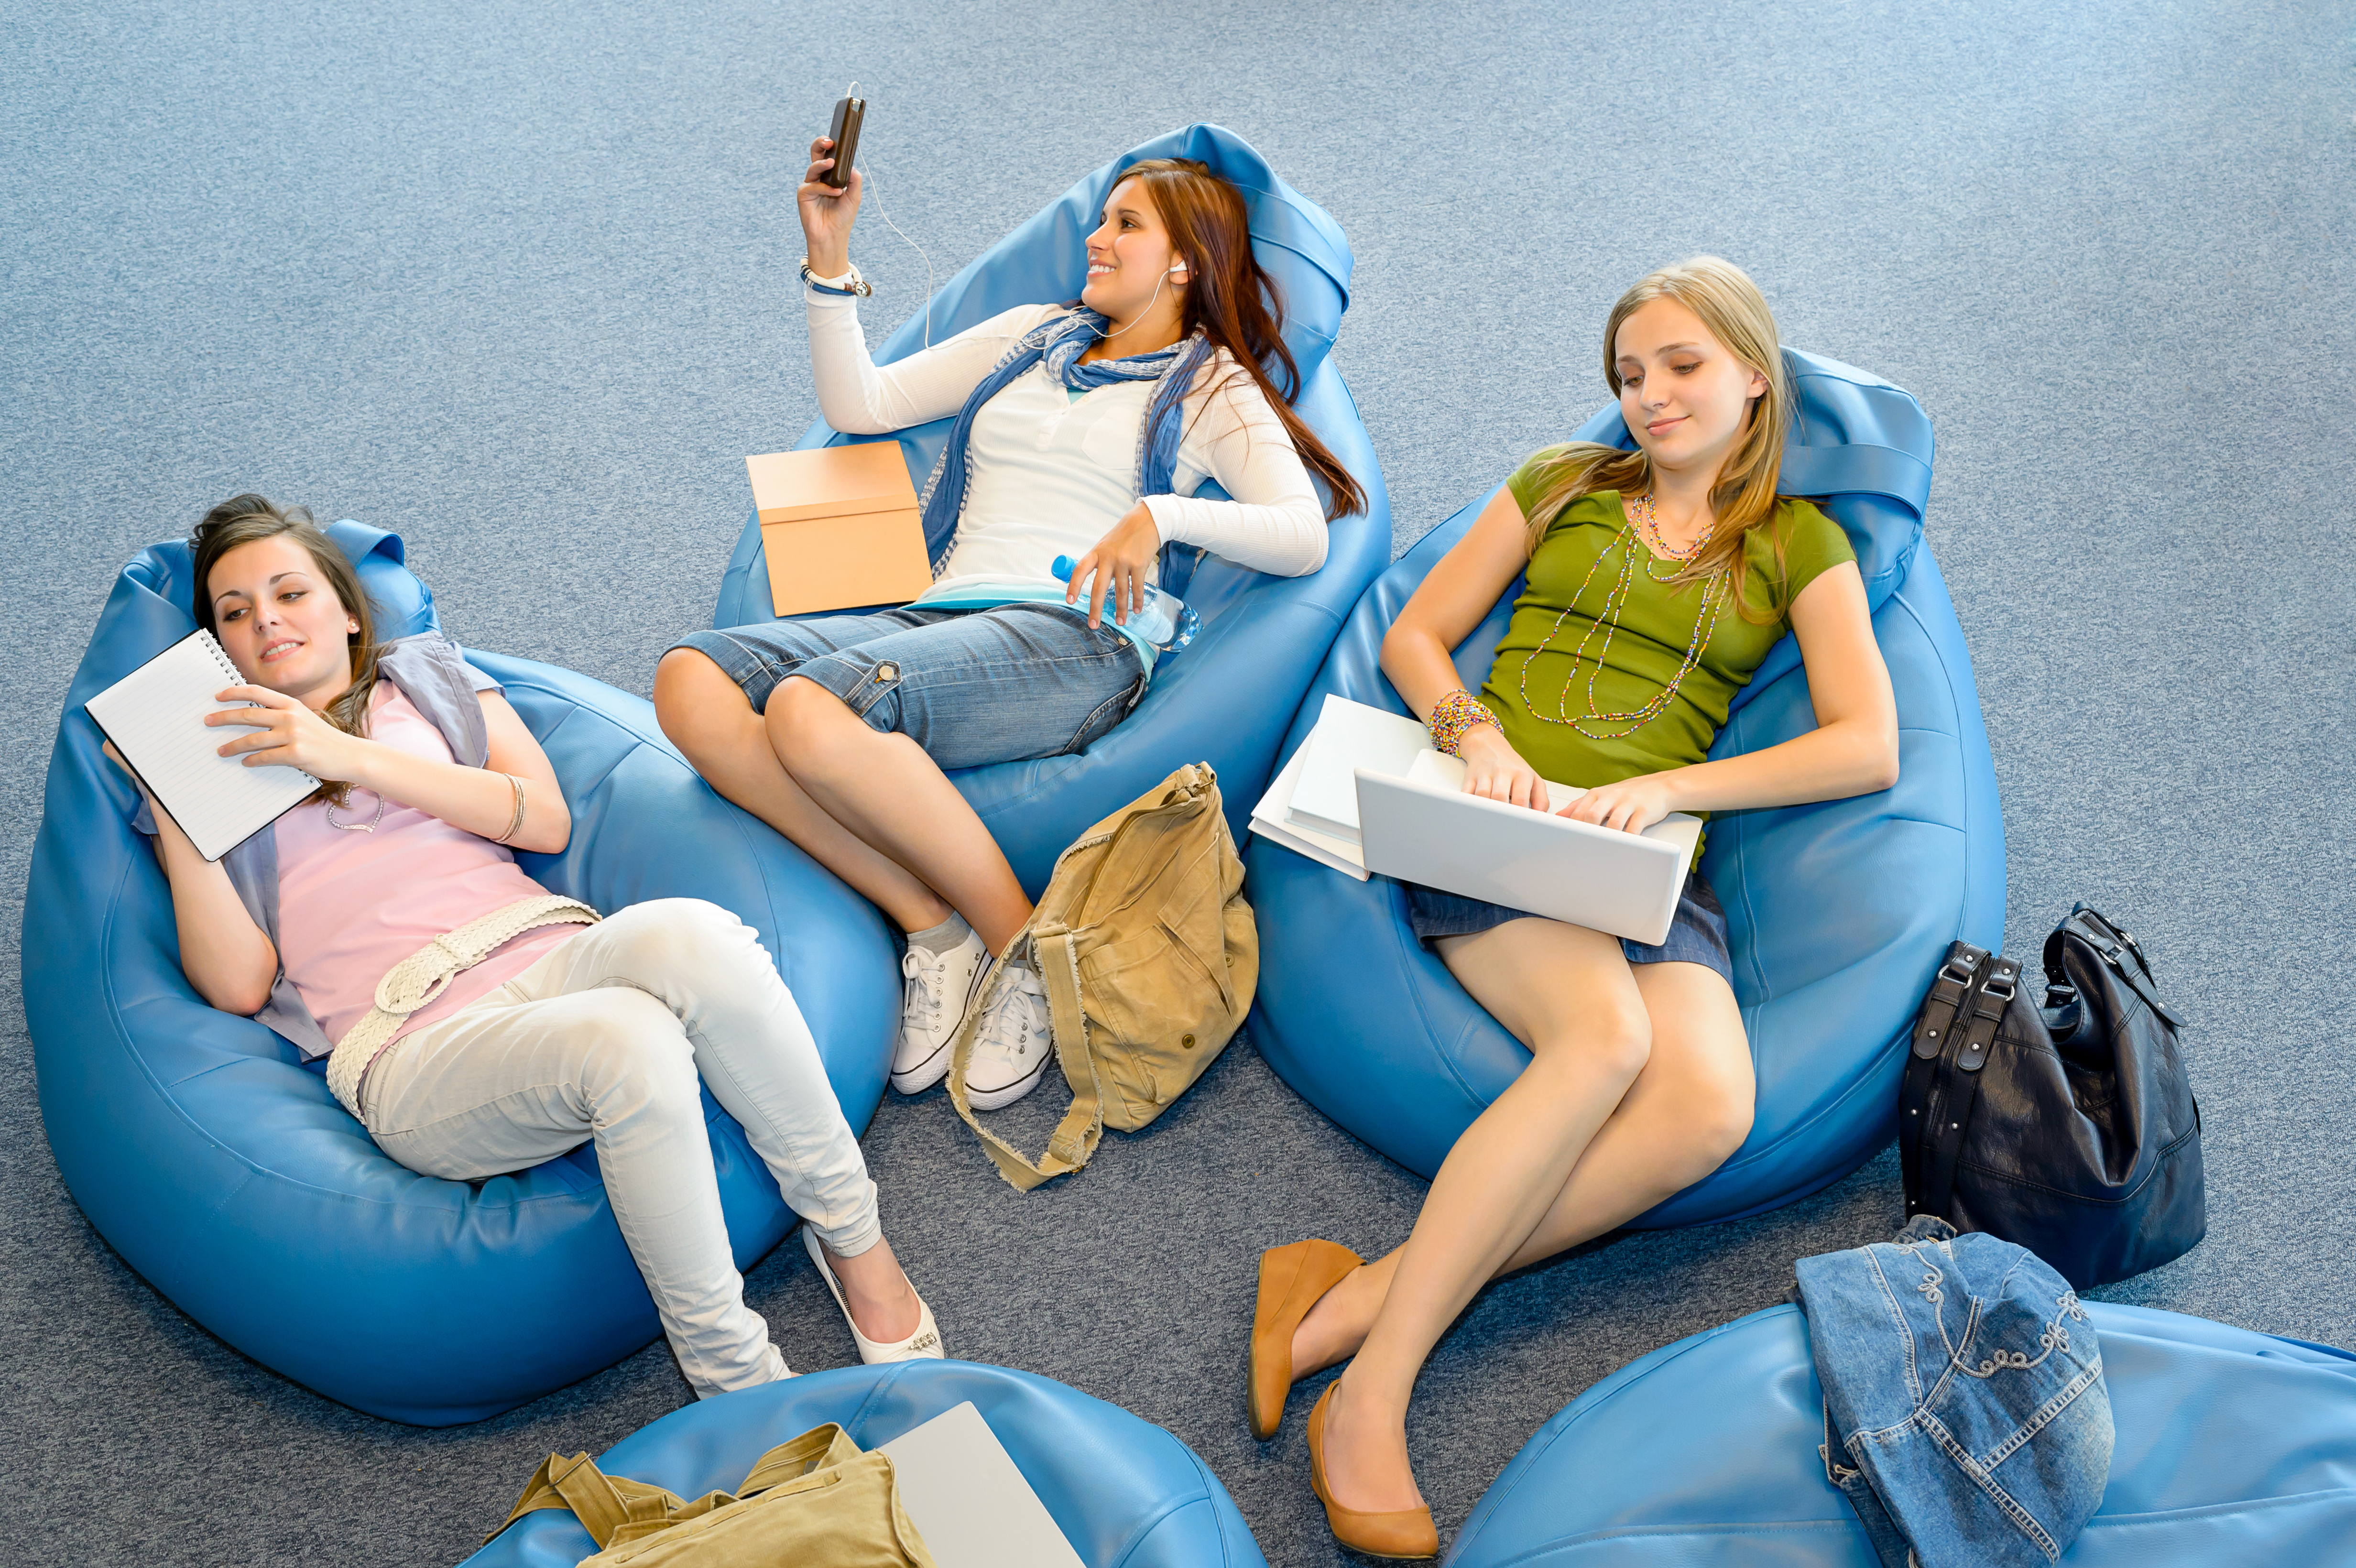 Bilder von Notebook Lächeln smartphones junge Frauen sitzt Drei 3 Handtasche Smartphone Mädchens junge frau sitzen Sitzend